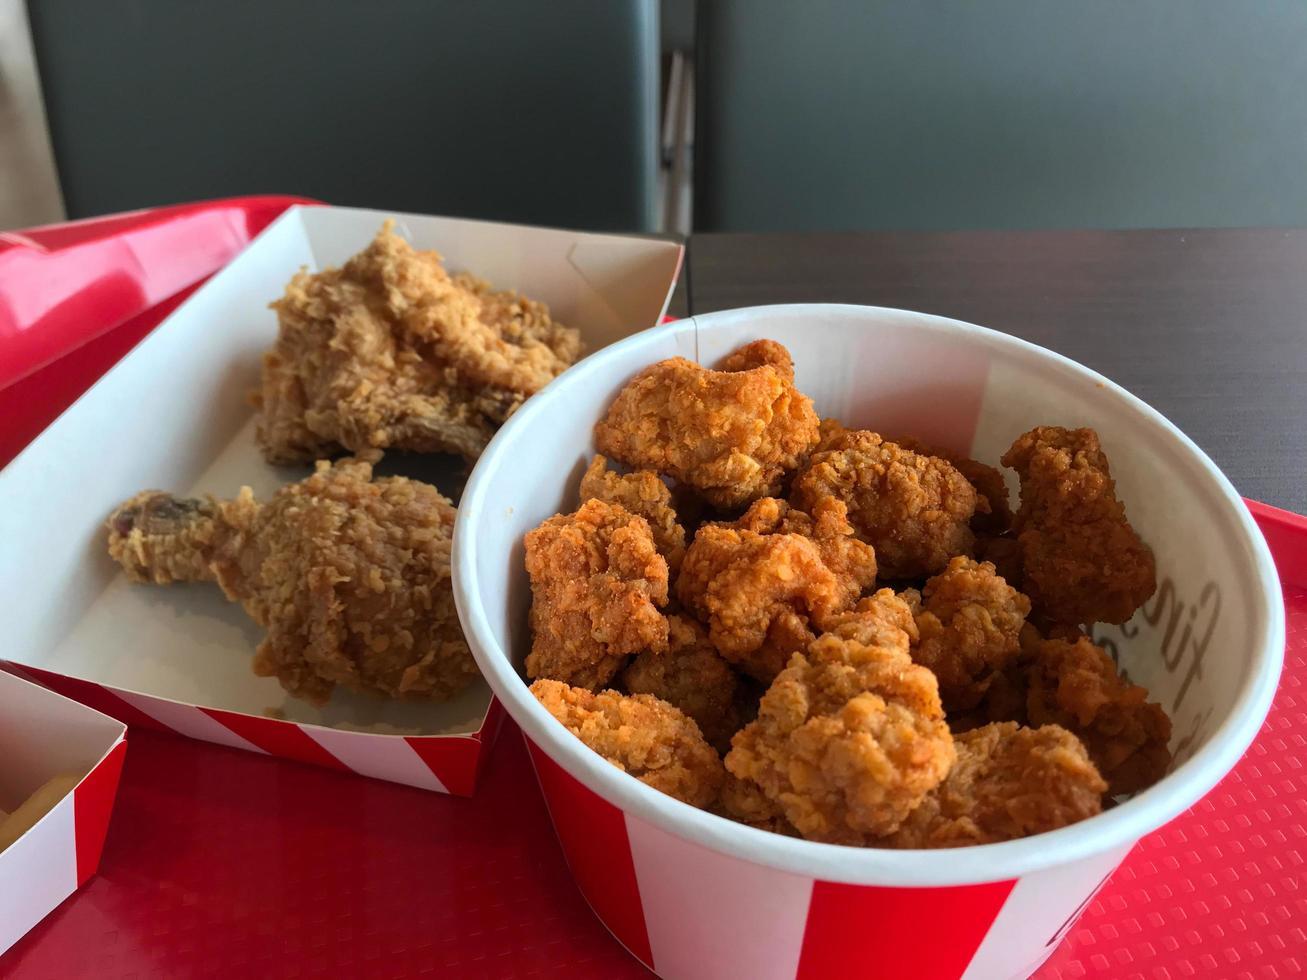 seau avec poulet frit dedans photo